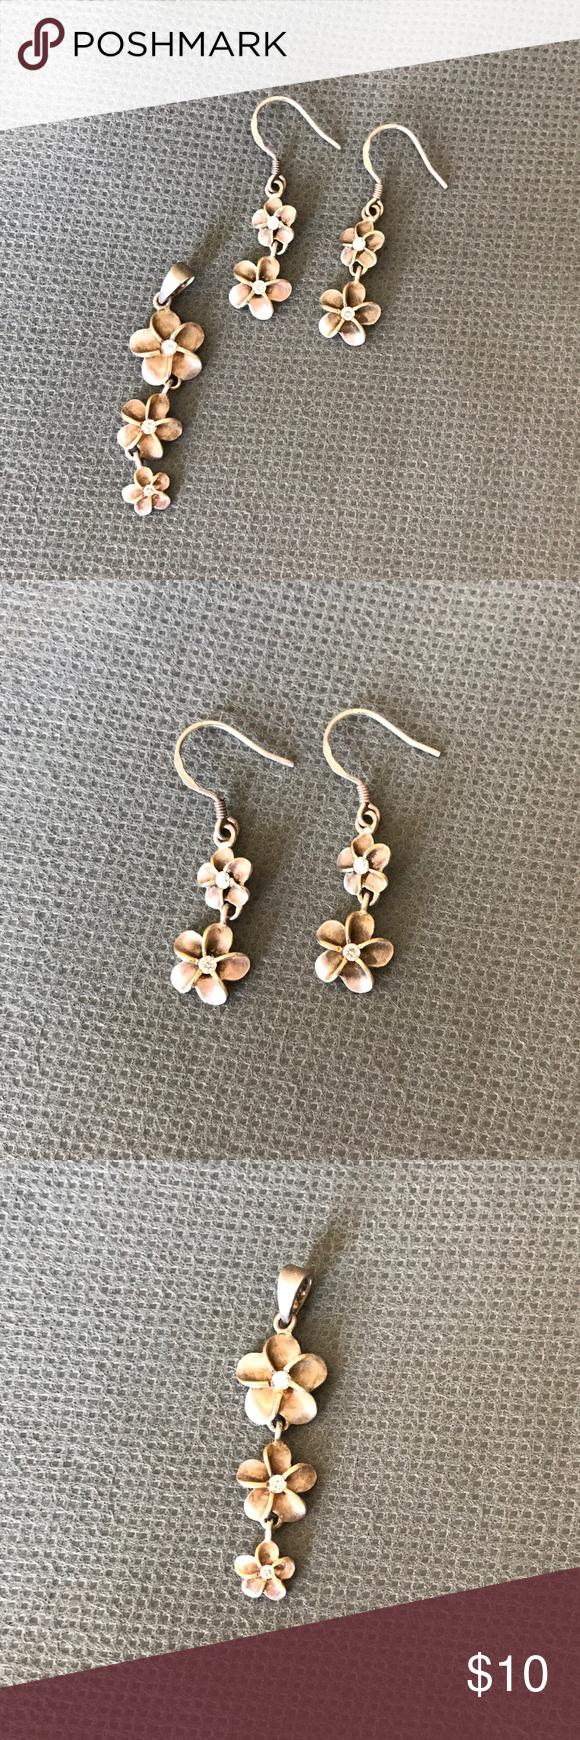 Plumeria pendant u earring set pendant earrings chains and pendants